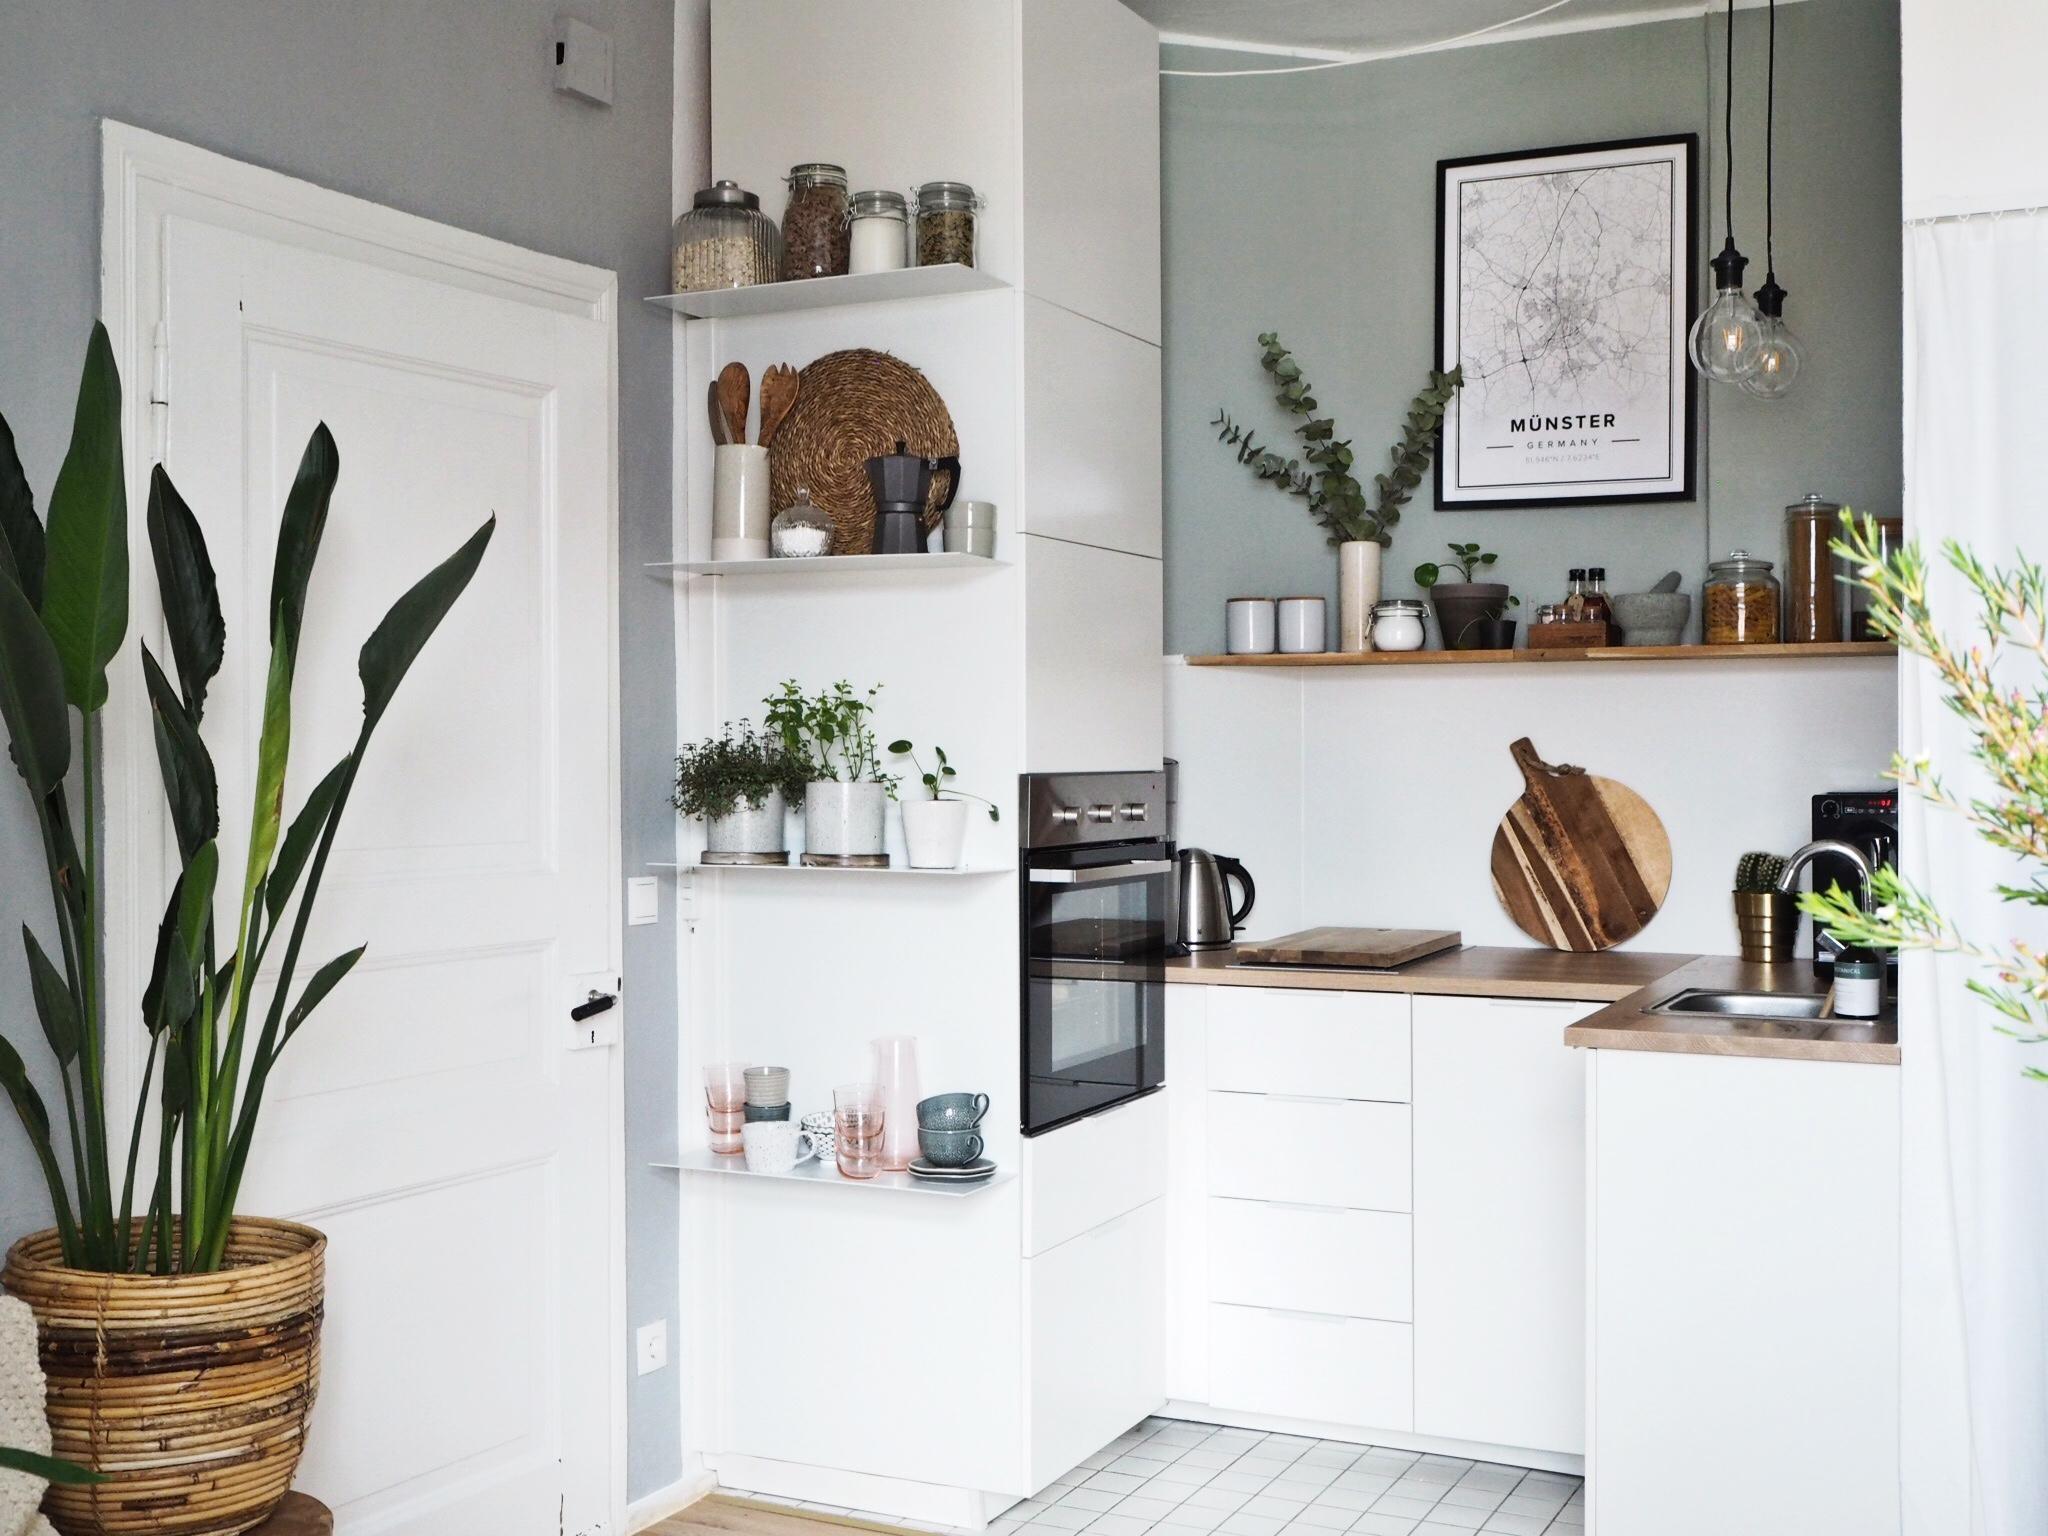 Full Size of Küche Einrichten Stilmix Küche Einrichten Utensilien Küche Einrichten Holzhaus Wohnzimmer Mit Küche Einrichten Küche Küche Einrichten